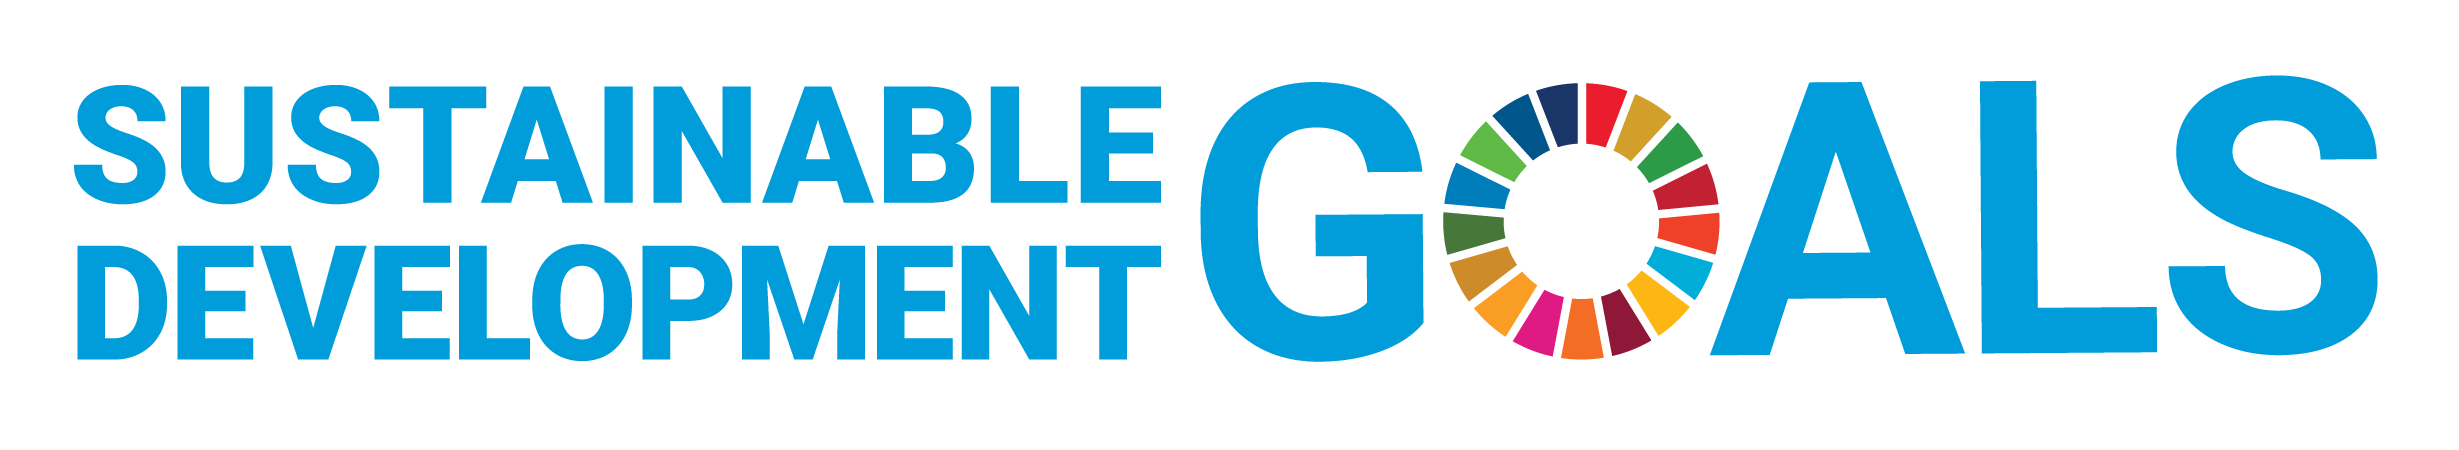 The SDG logo